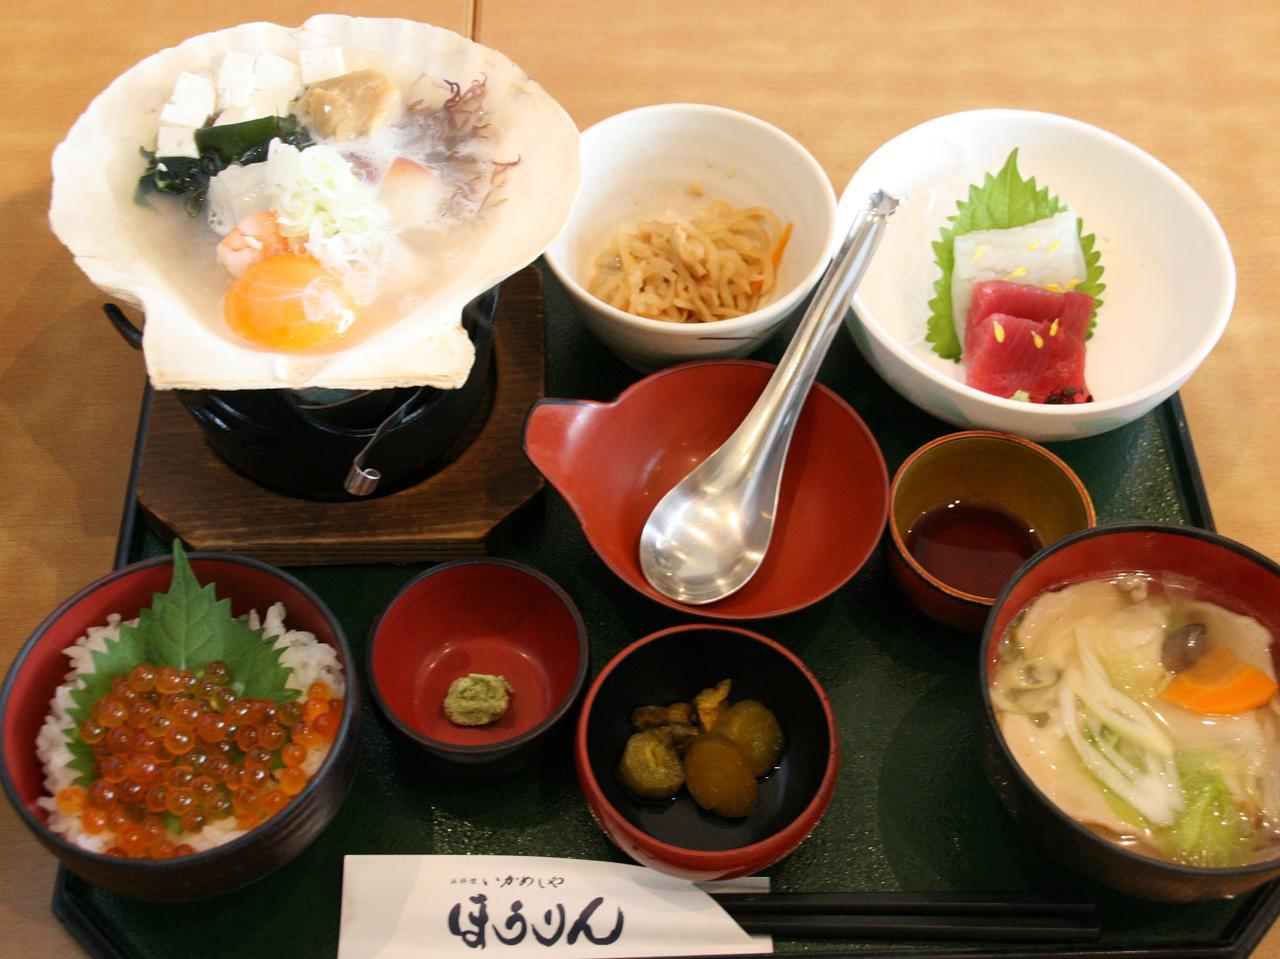 画像: 「あおもり定食 ミニイクラ丼」2280円。まさに青森の郷土料理や食材を堪能